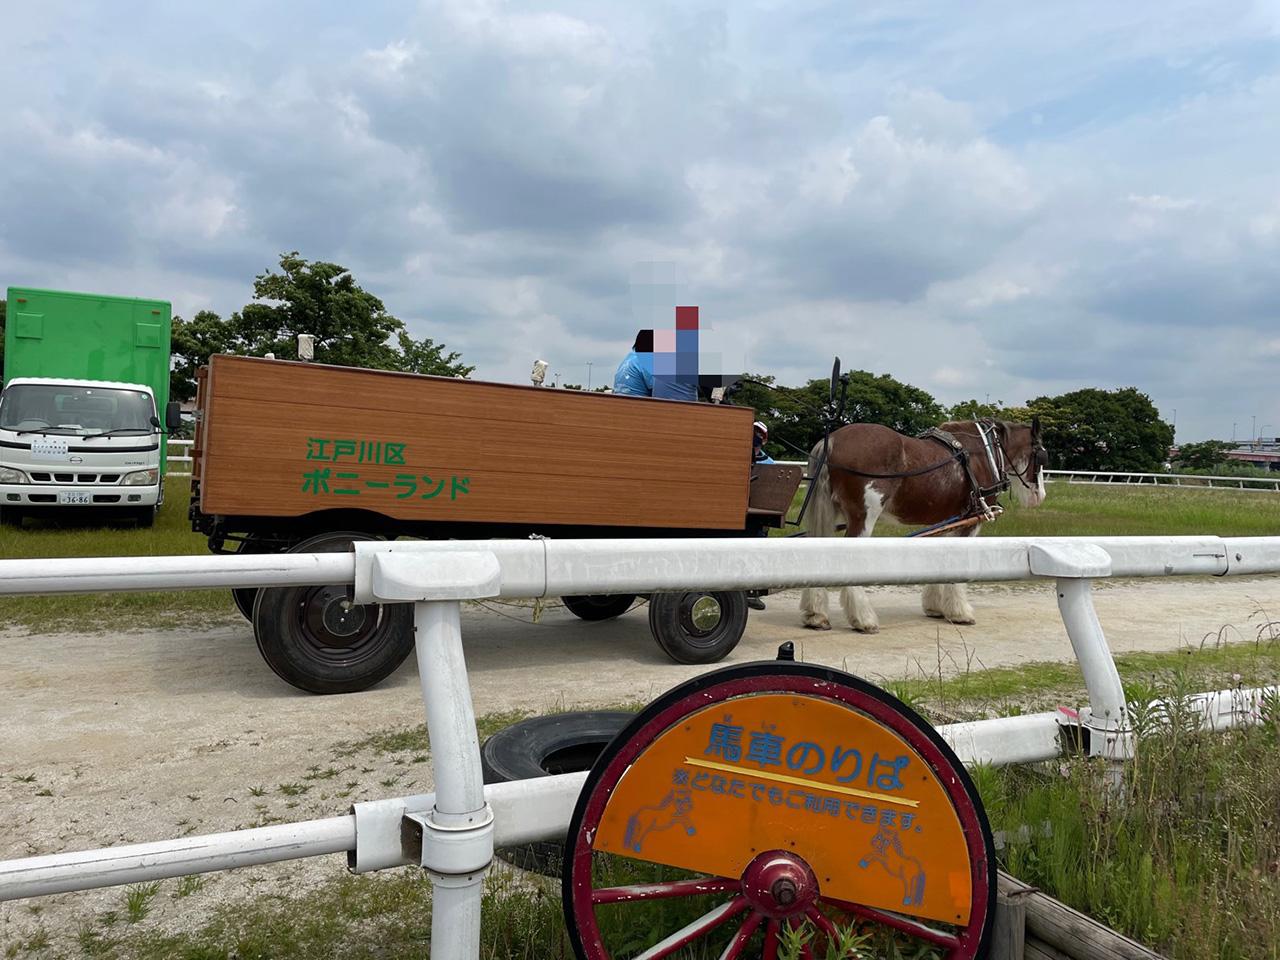 馬車乗り場の写真